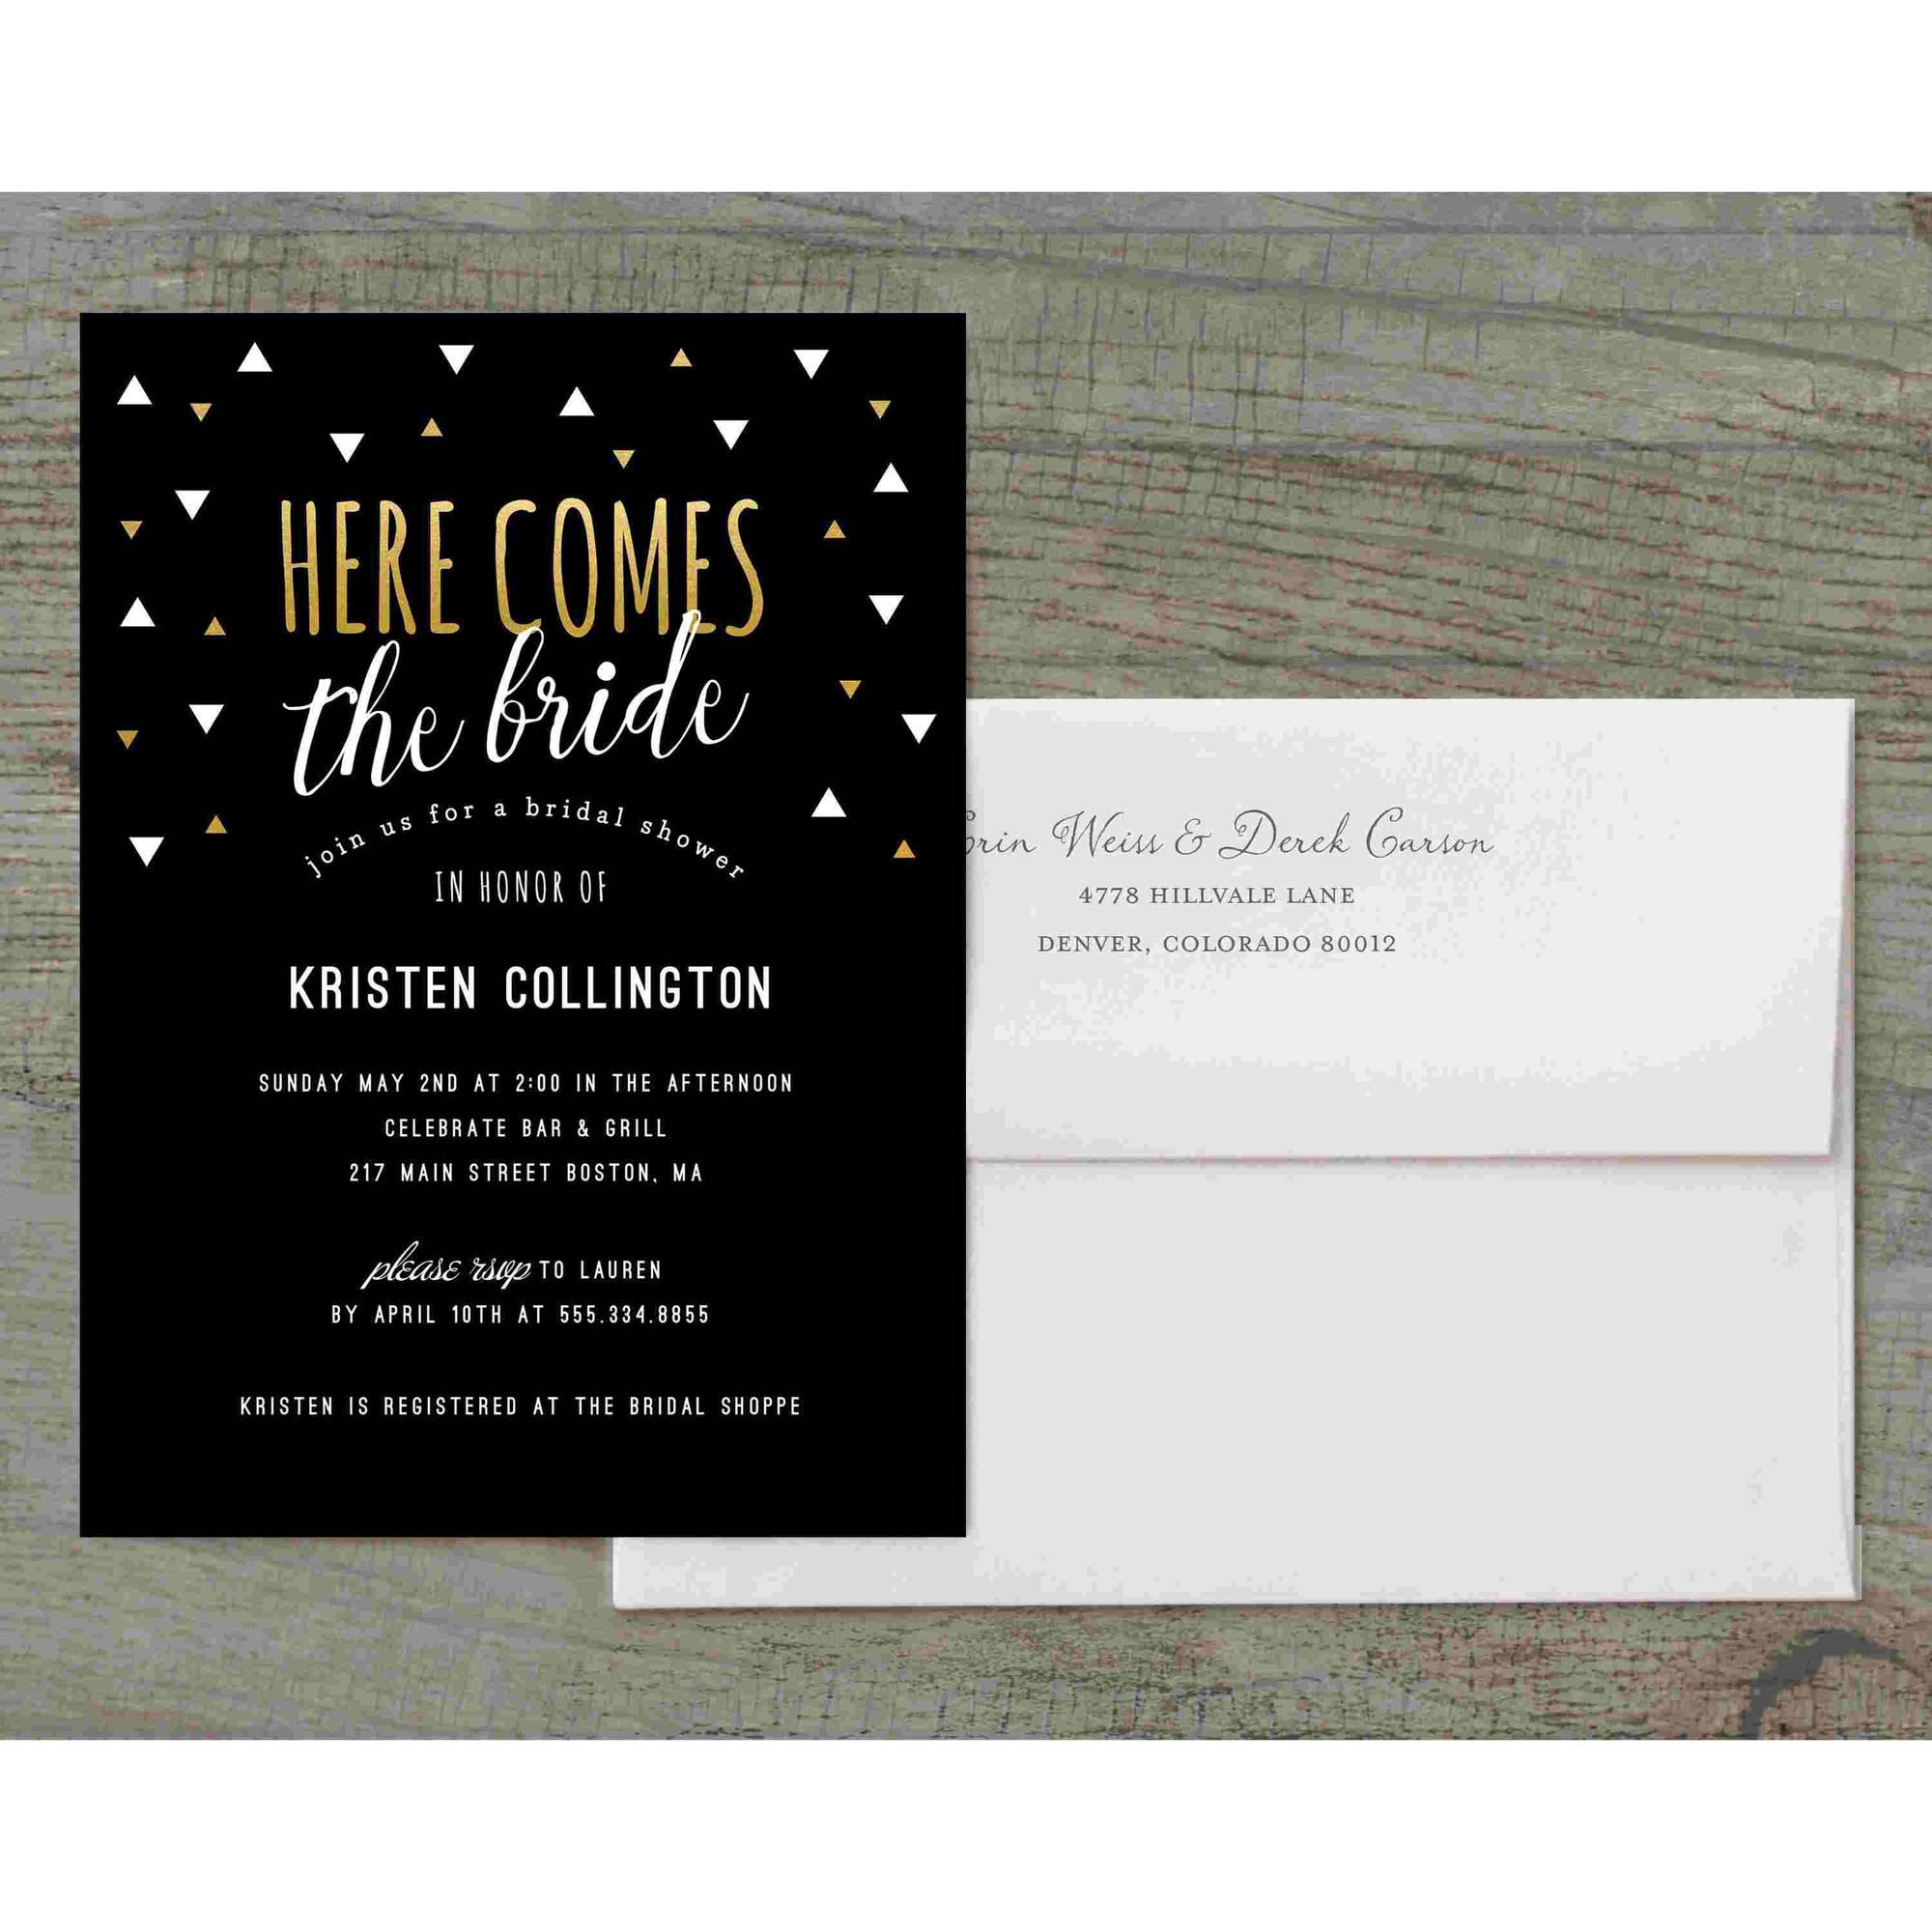 Here Comes the Bride Deluxe Bridal Shower Invitation